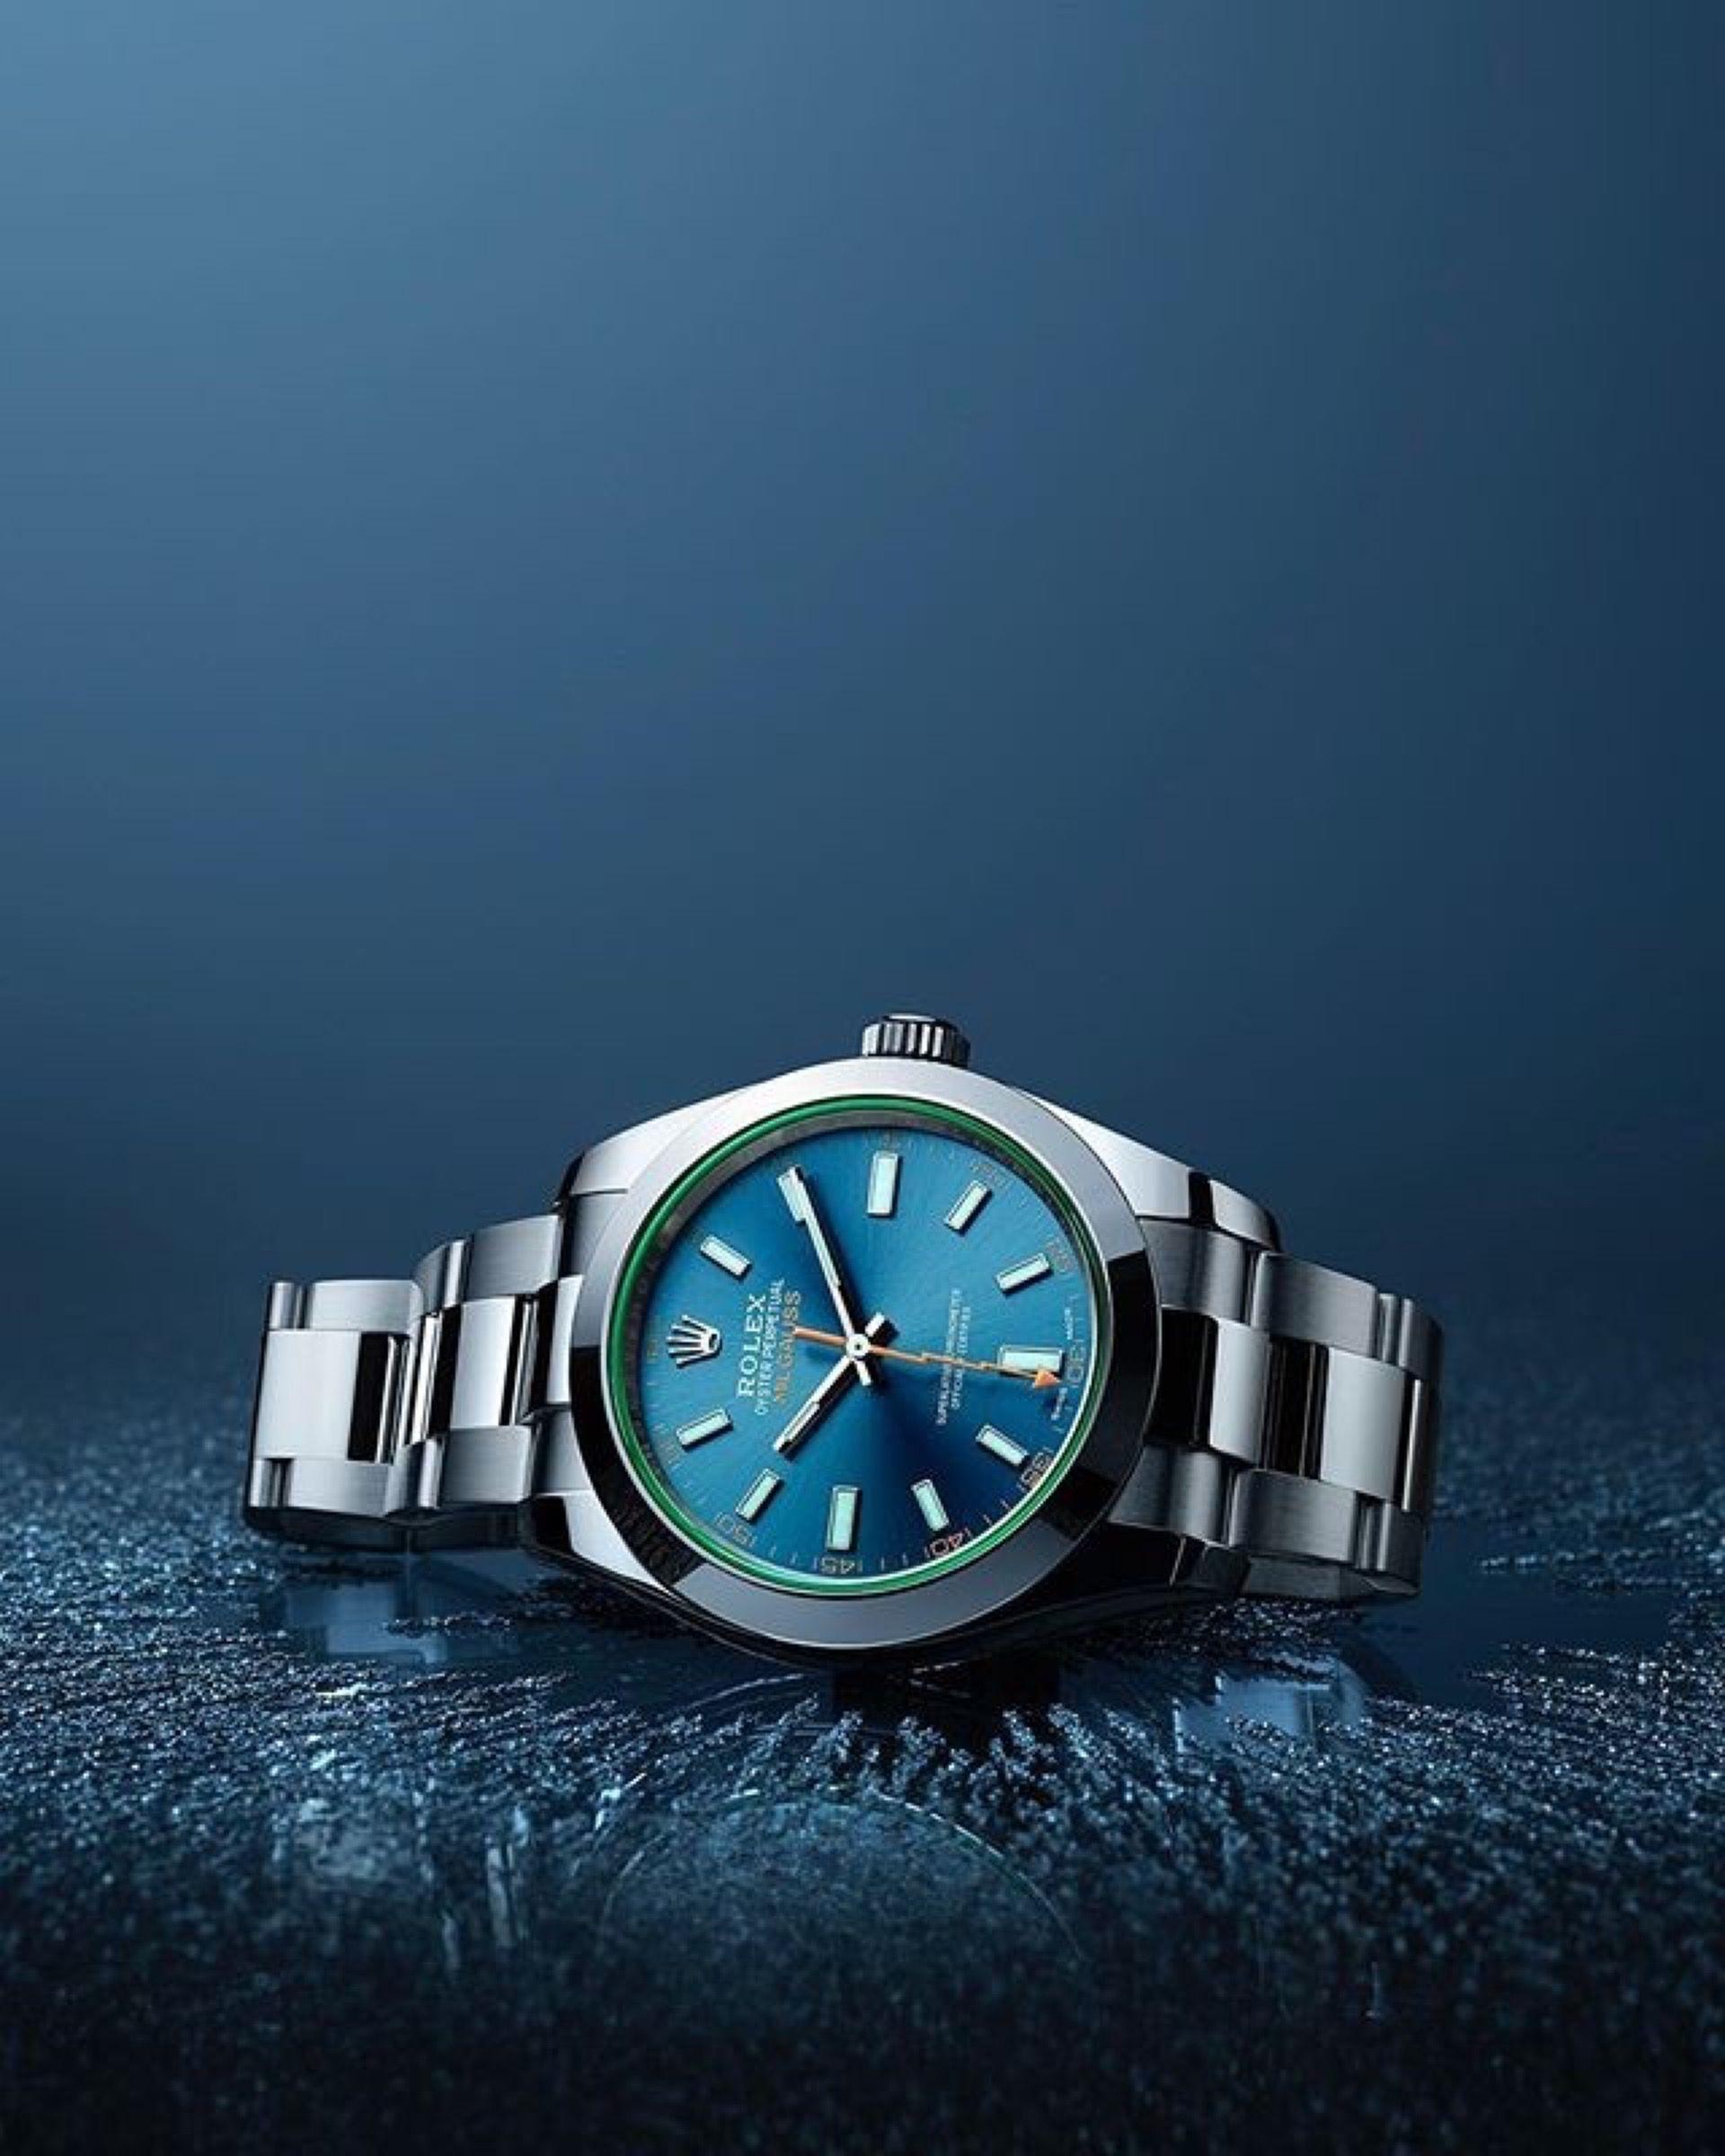 Rolex Watch Oyster Perpetual Milgauss Rolex Rolex Watches Women Rolex Watches